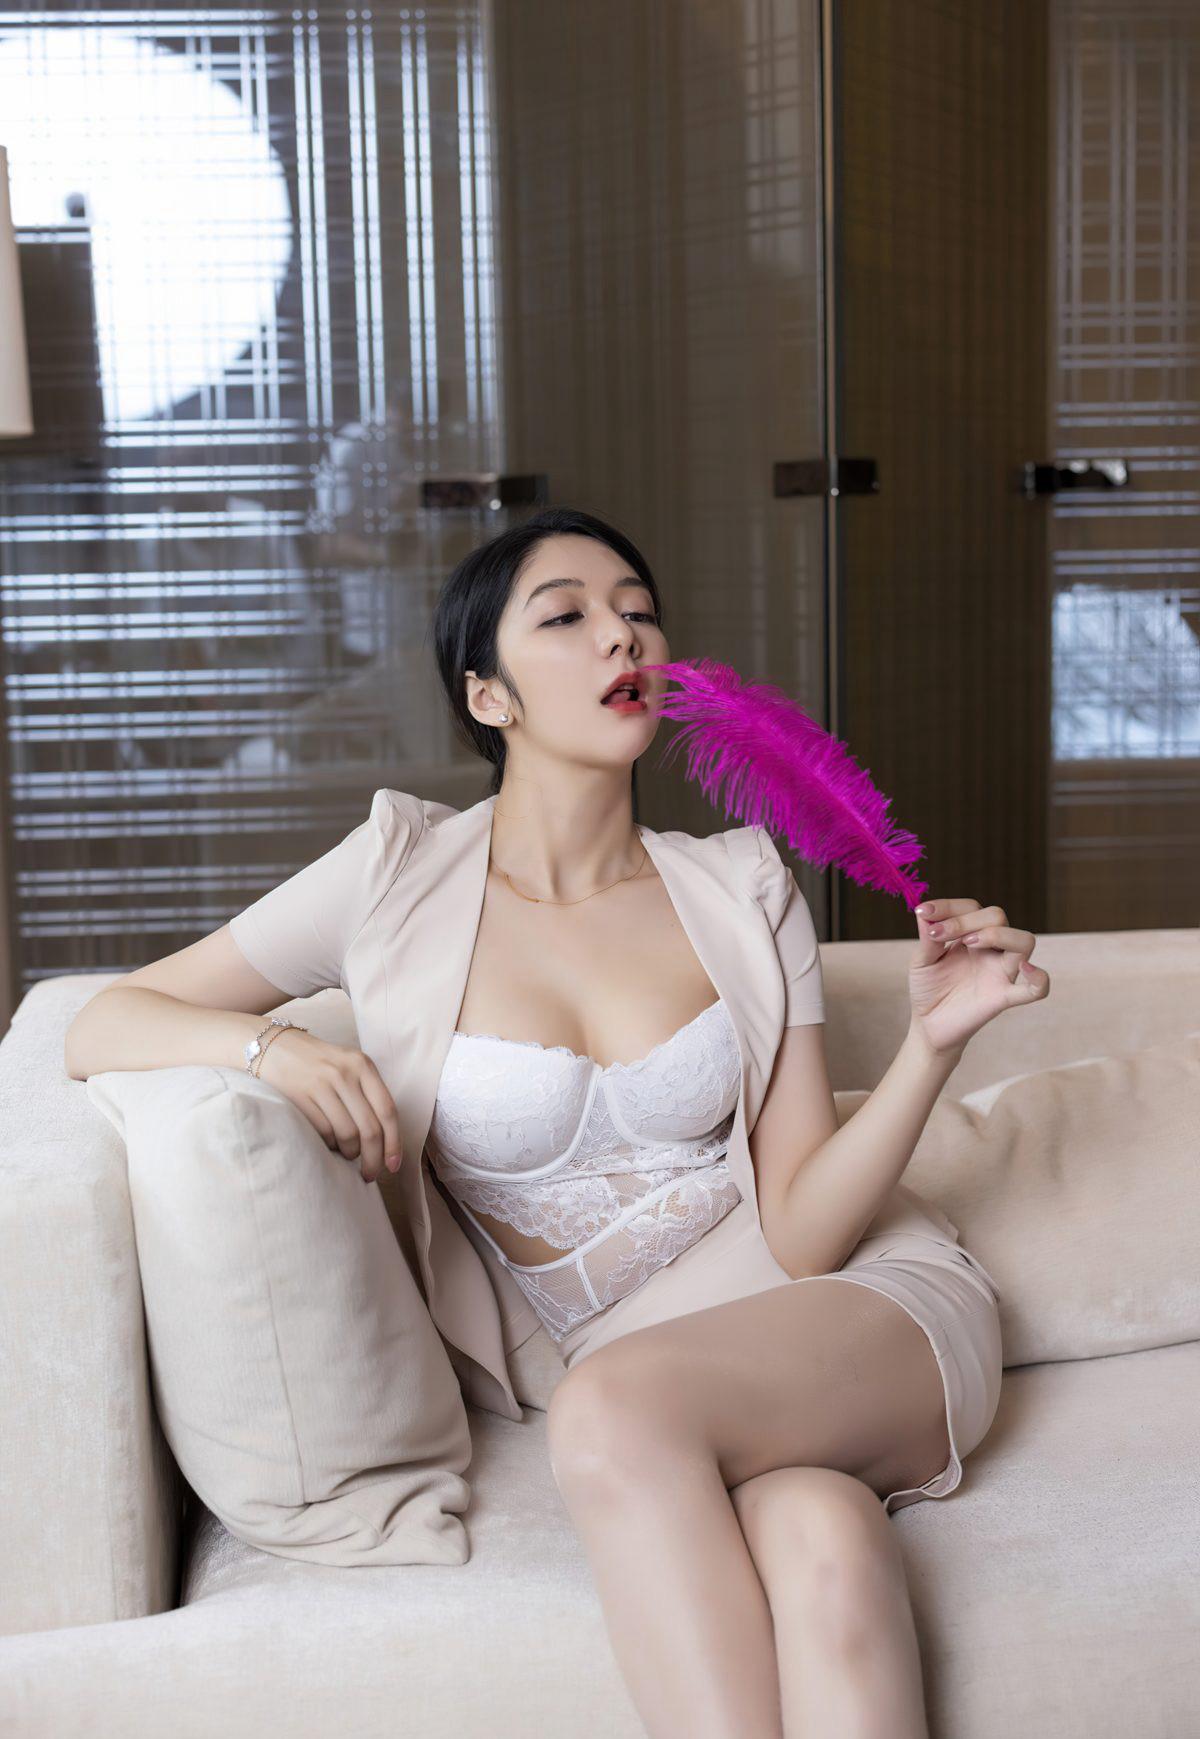 制服美女Angela小热巴2021制服秘书办公室诱惑蕾丝内衣极品翘臀